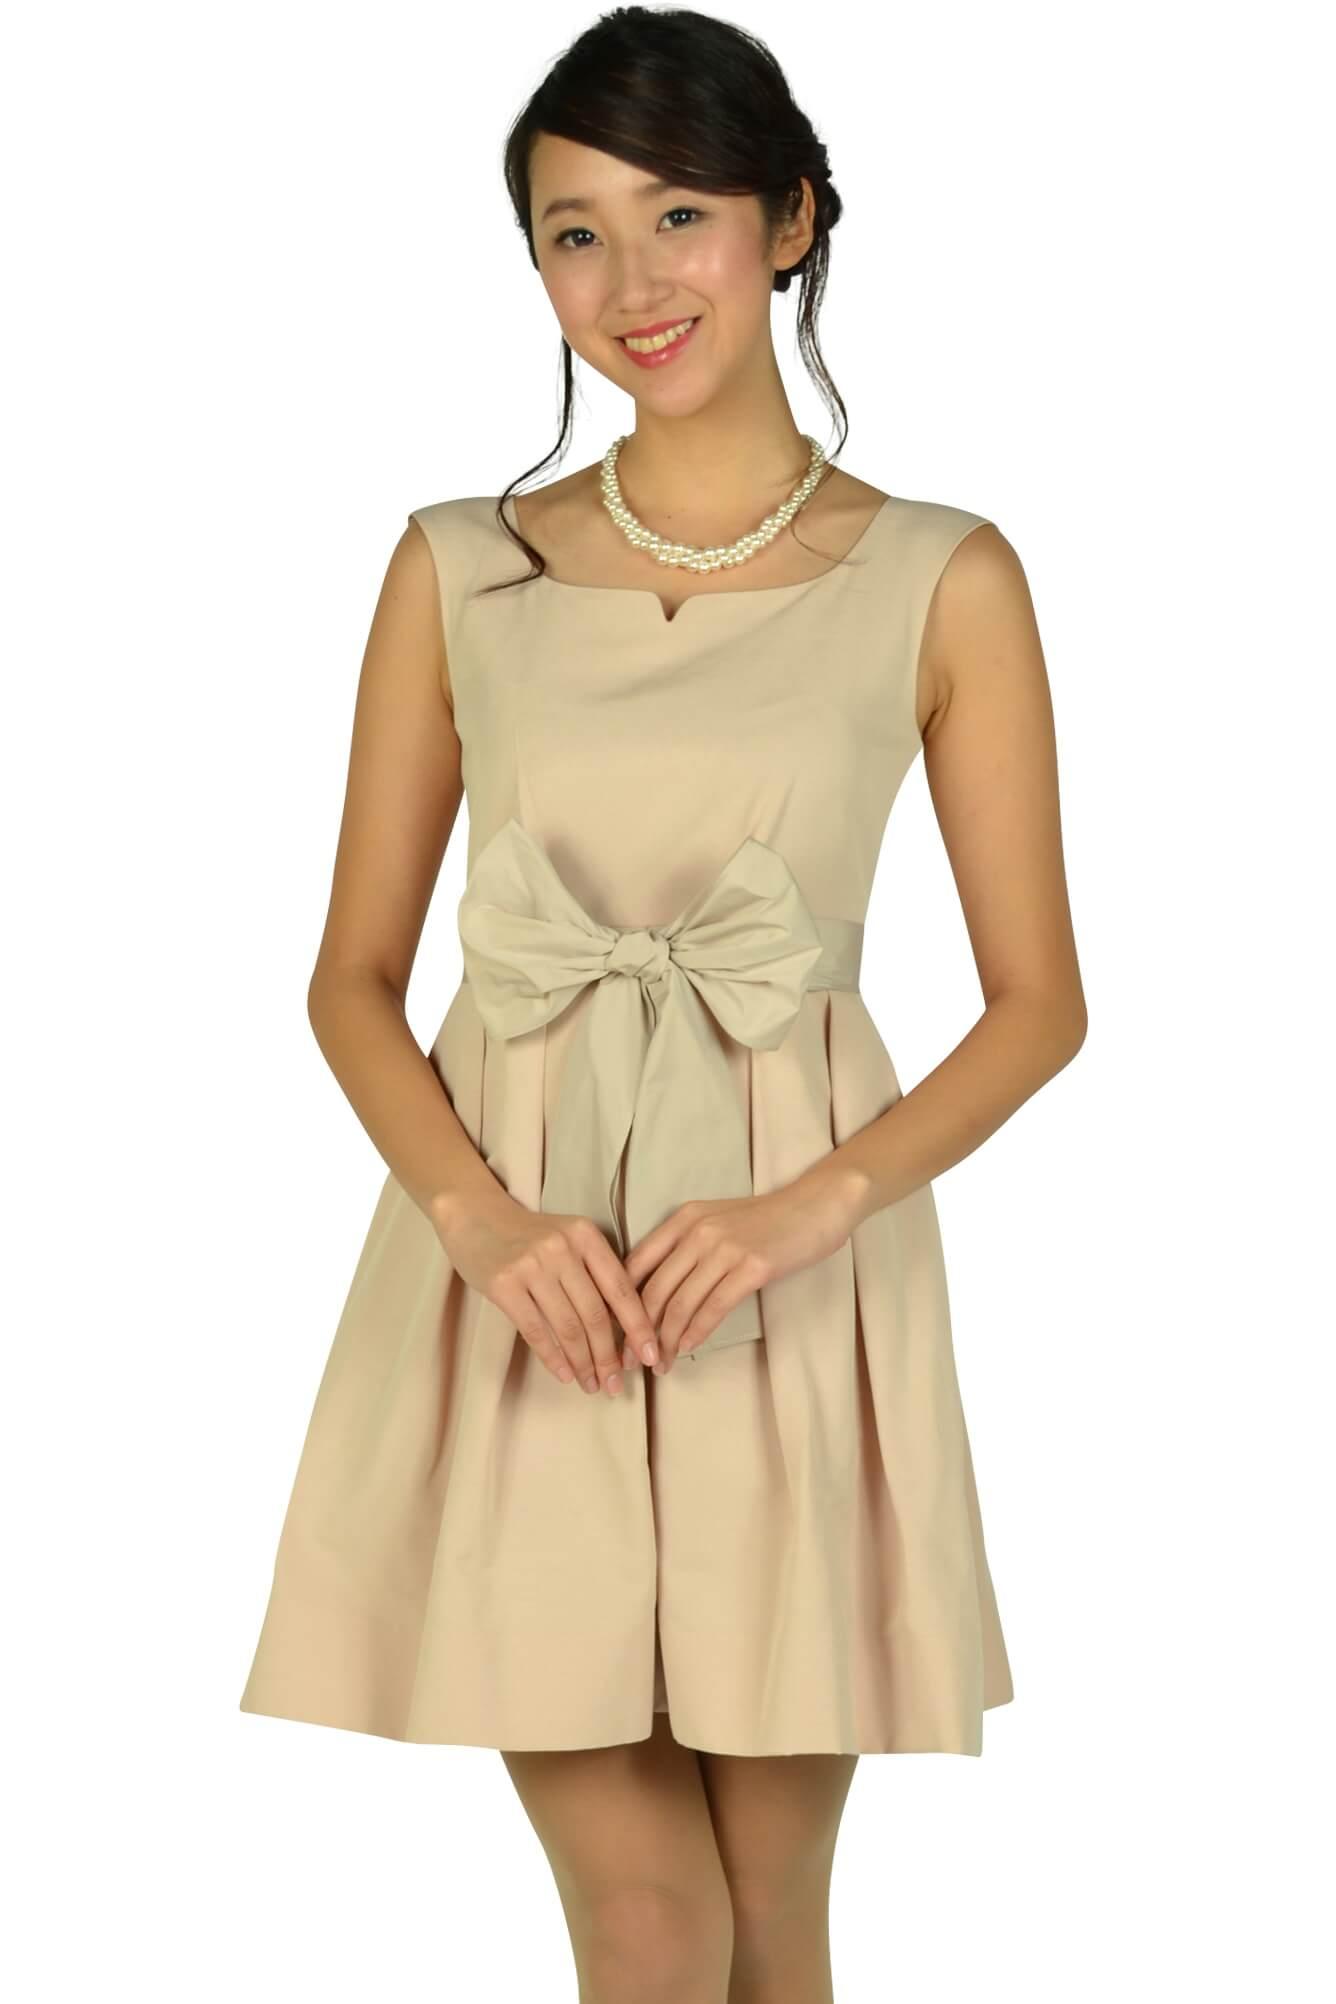 ジルスチュアート (JILLSTUART)ハートシェイプドネックピンクドレス